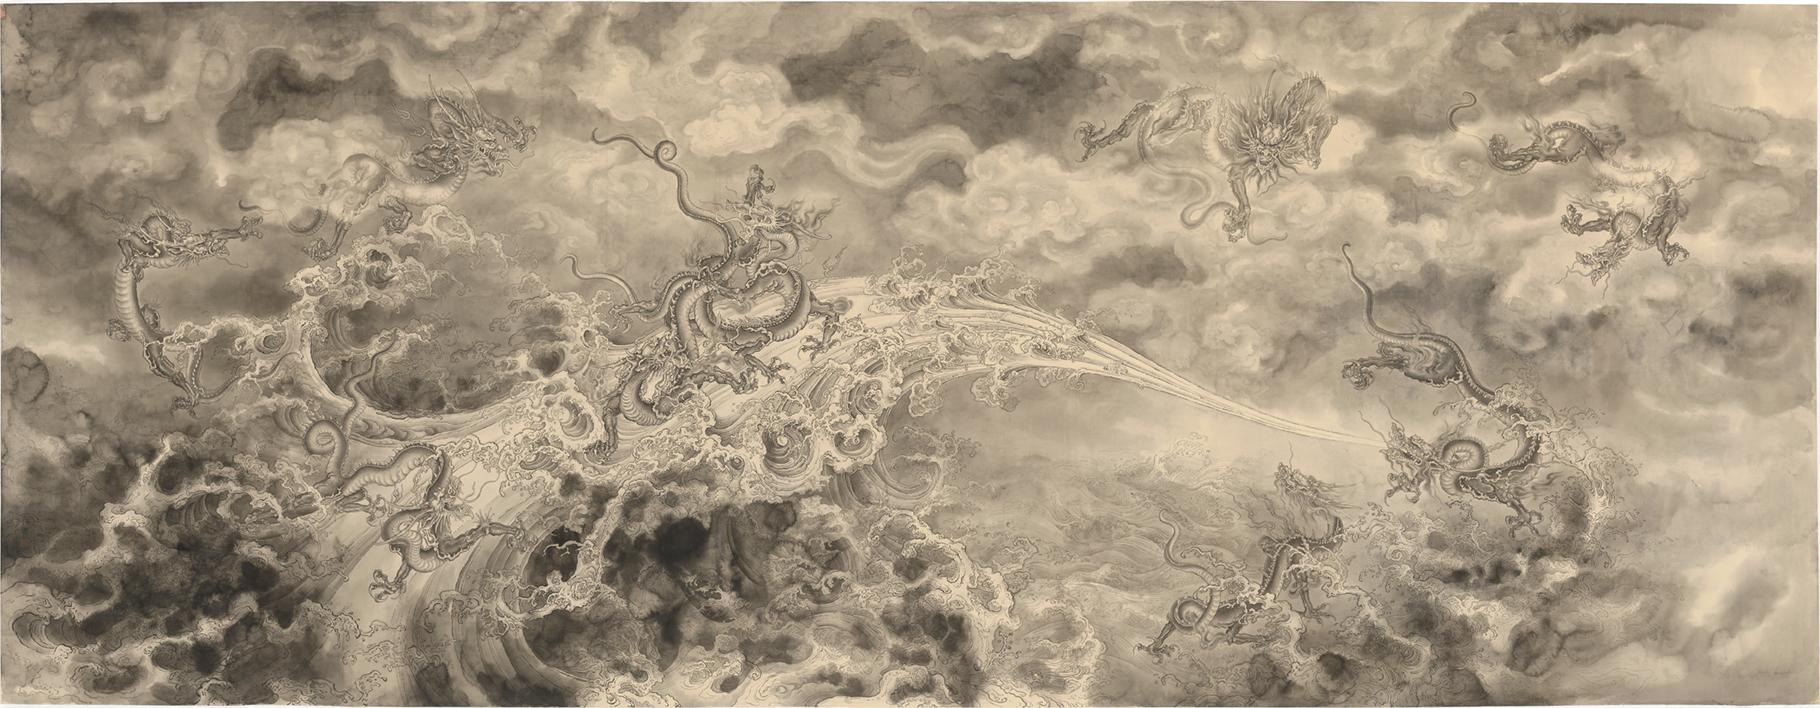 Ren Zhong - Nine dragons and sea, 2018